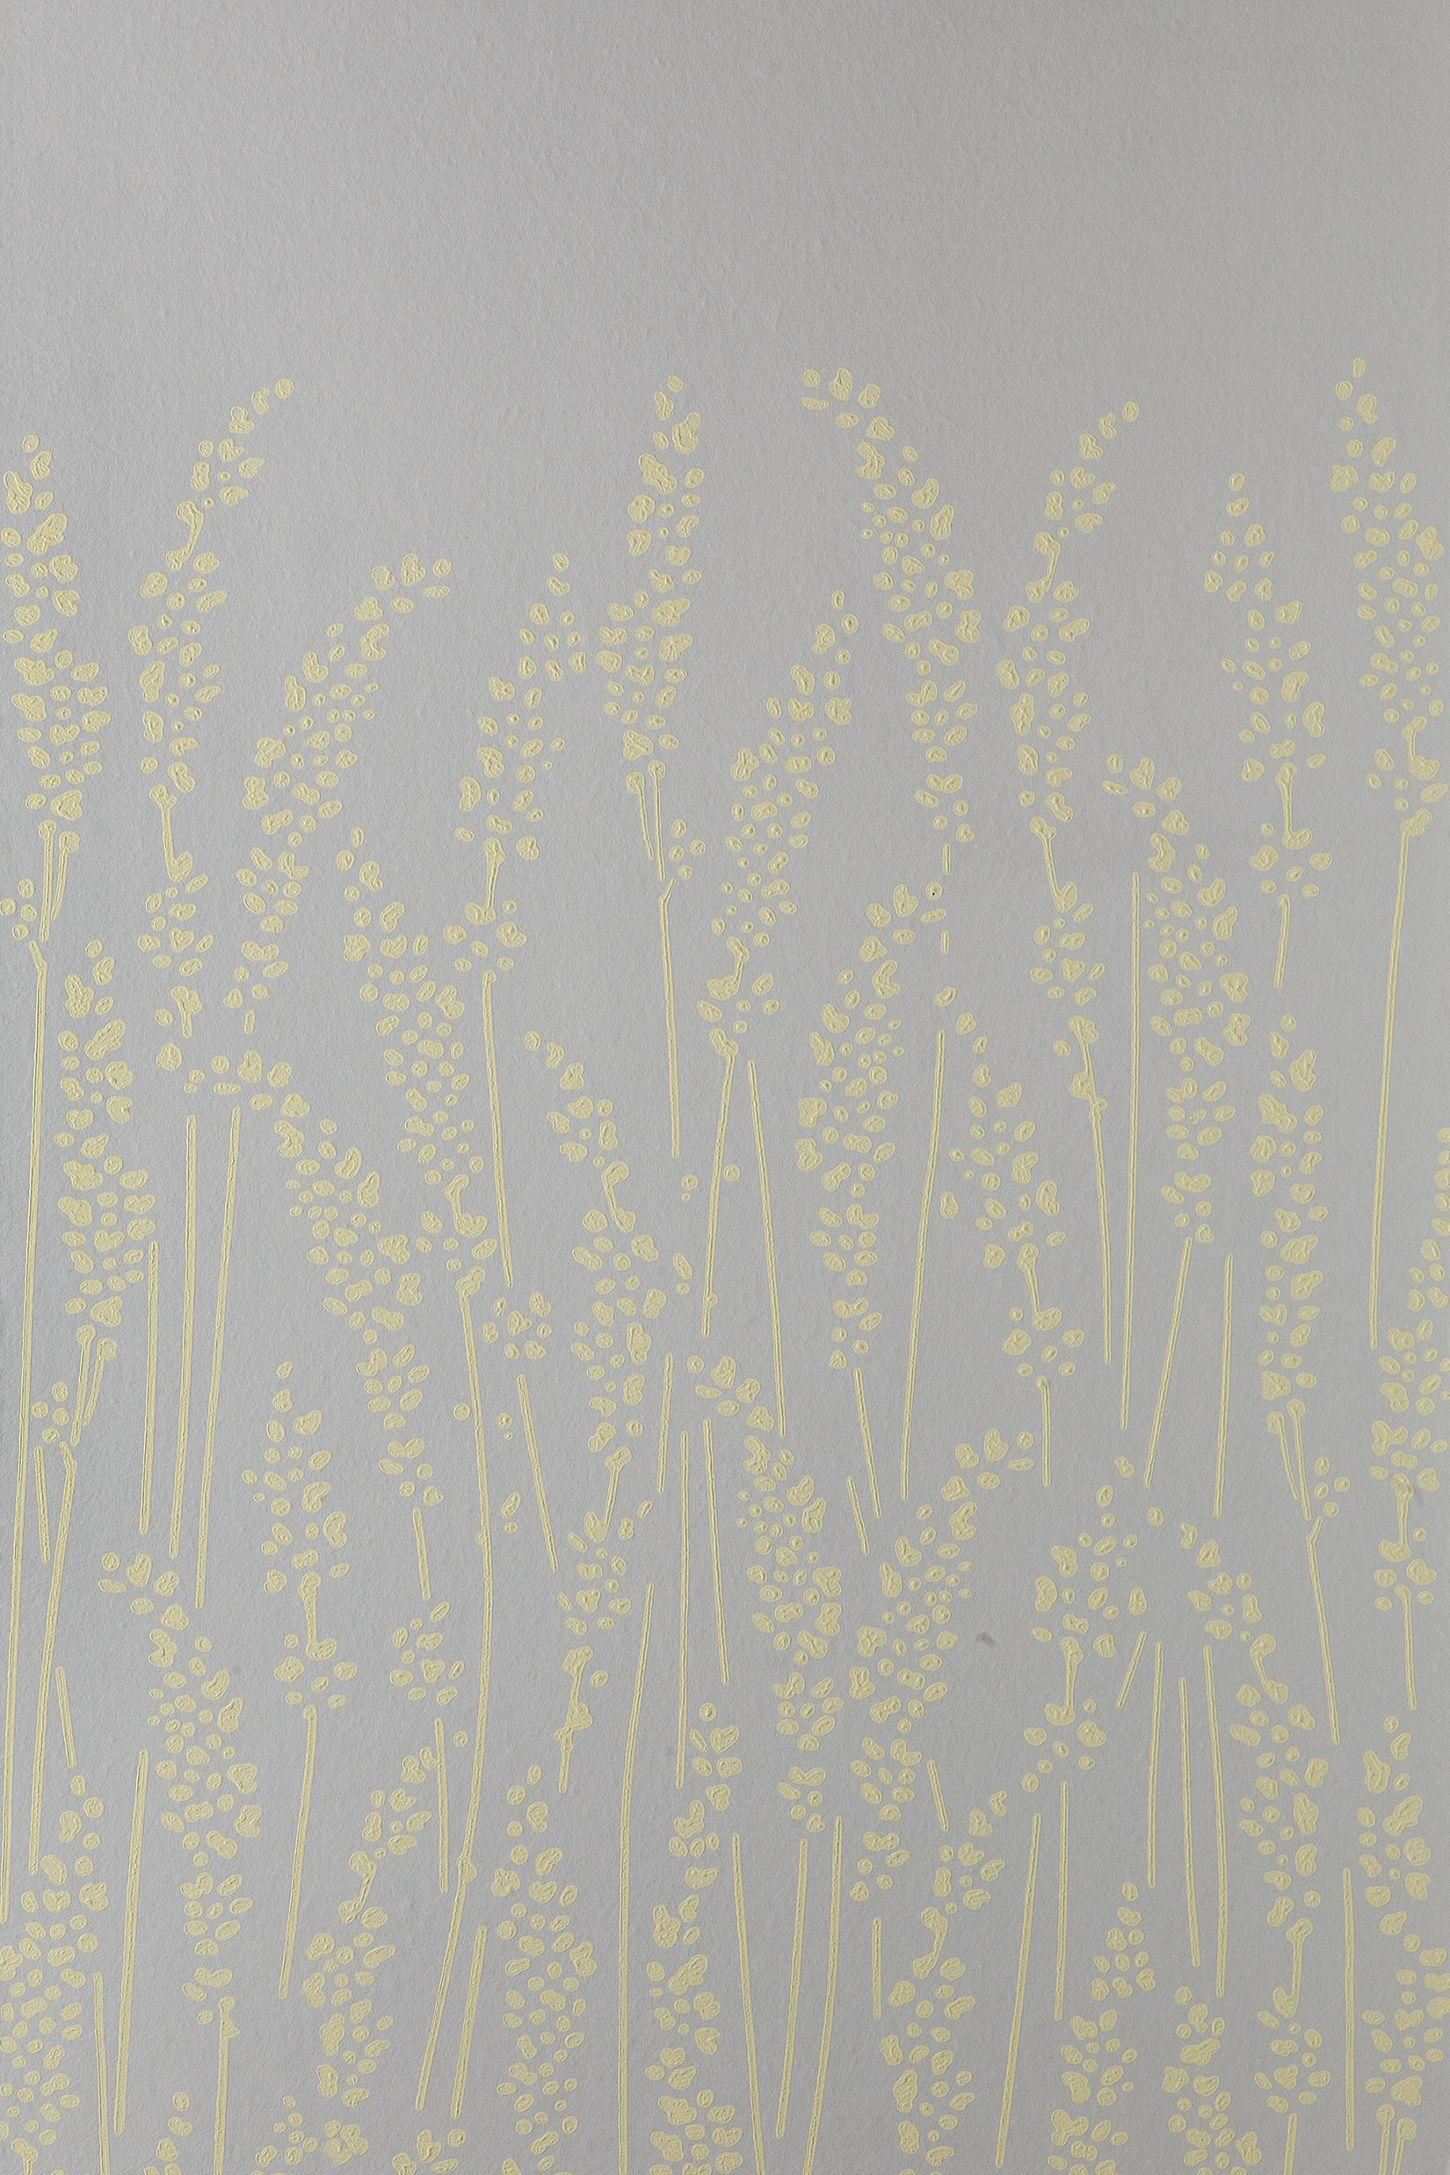 Farrow & Ball Feather Grass Wallpaper in 2020 Farrow